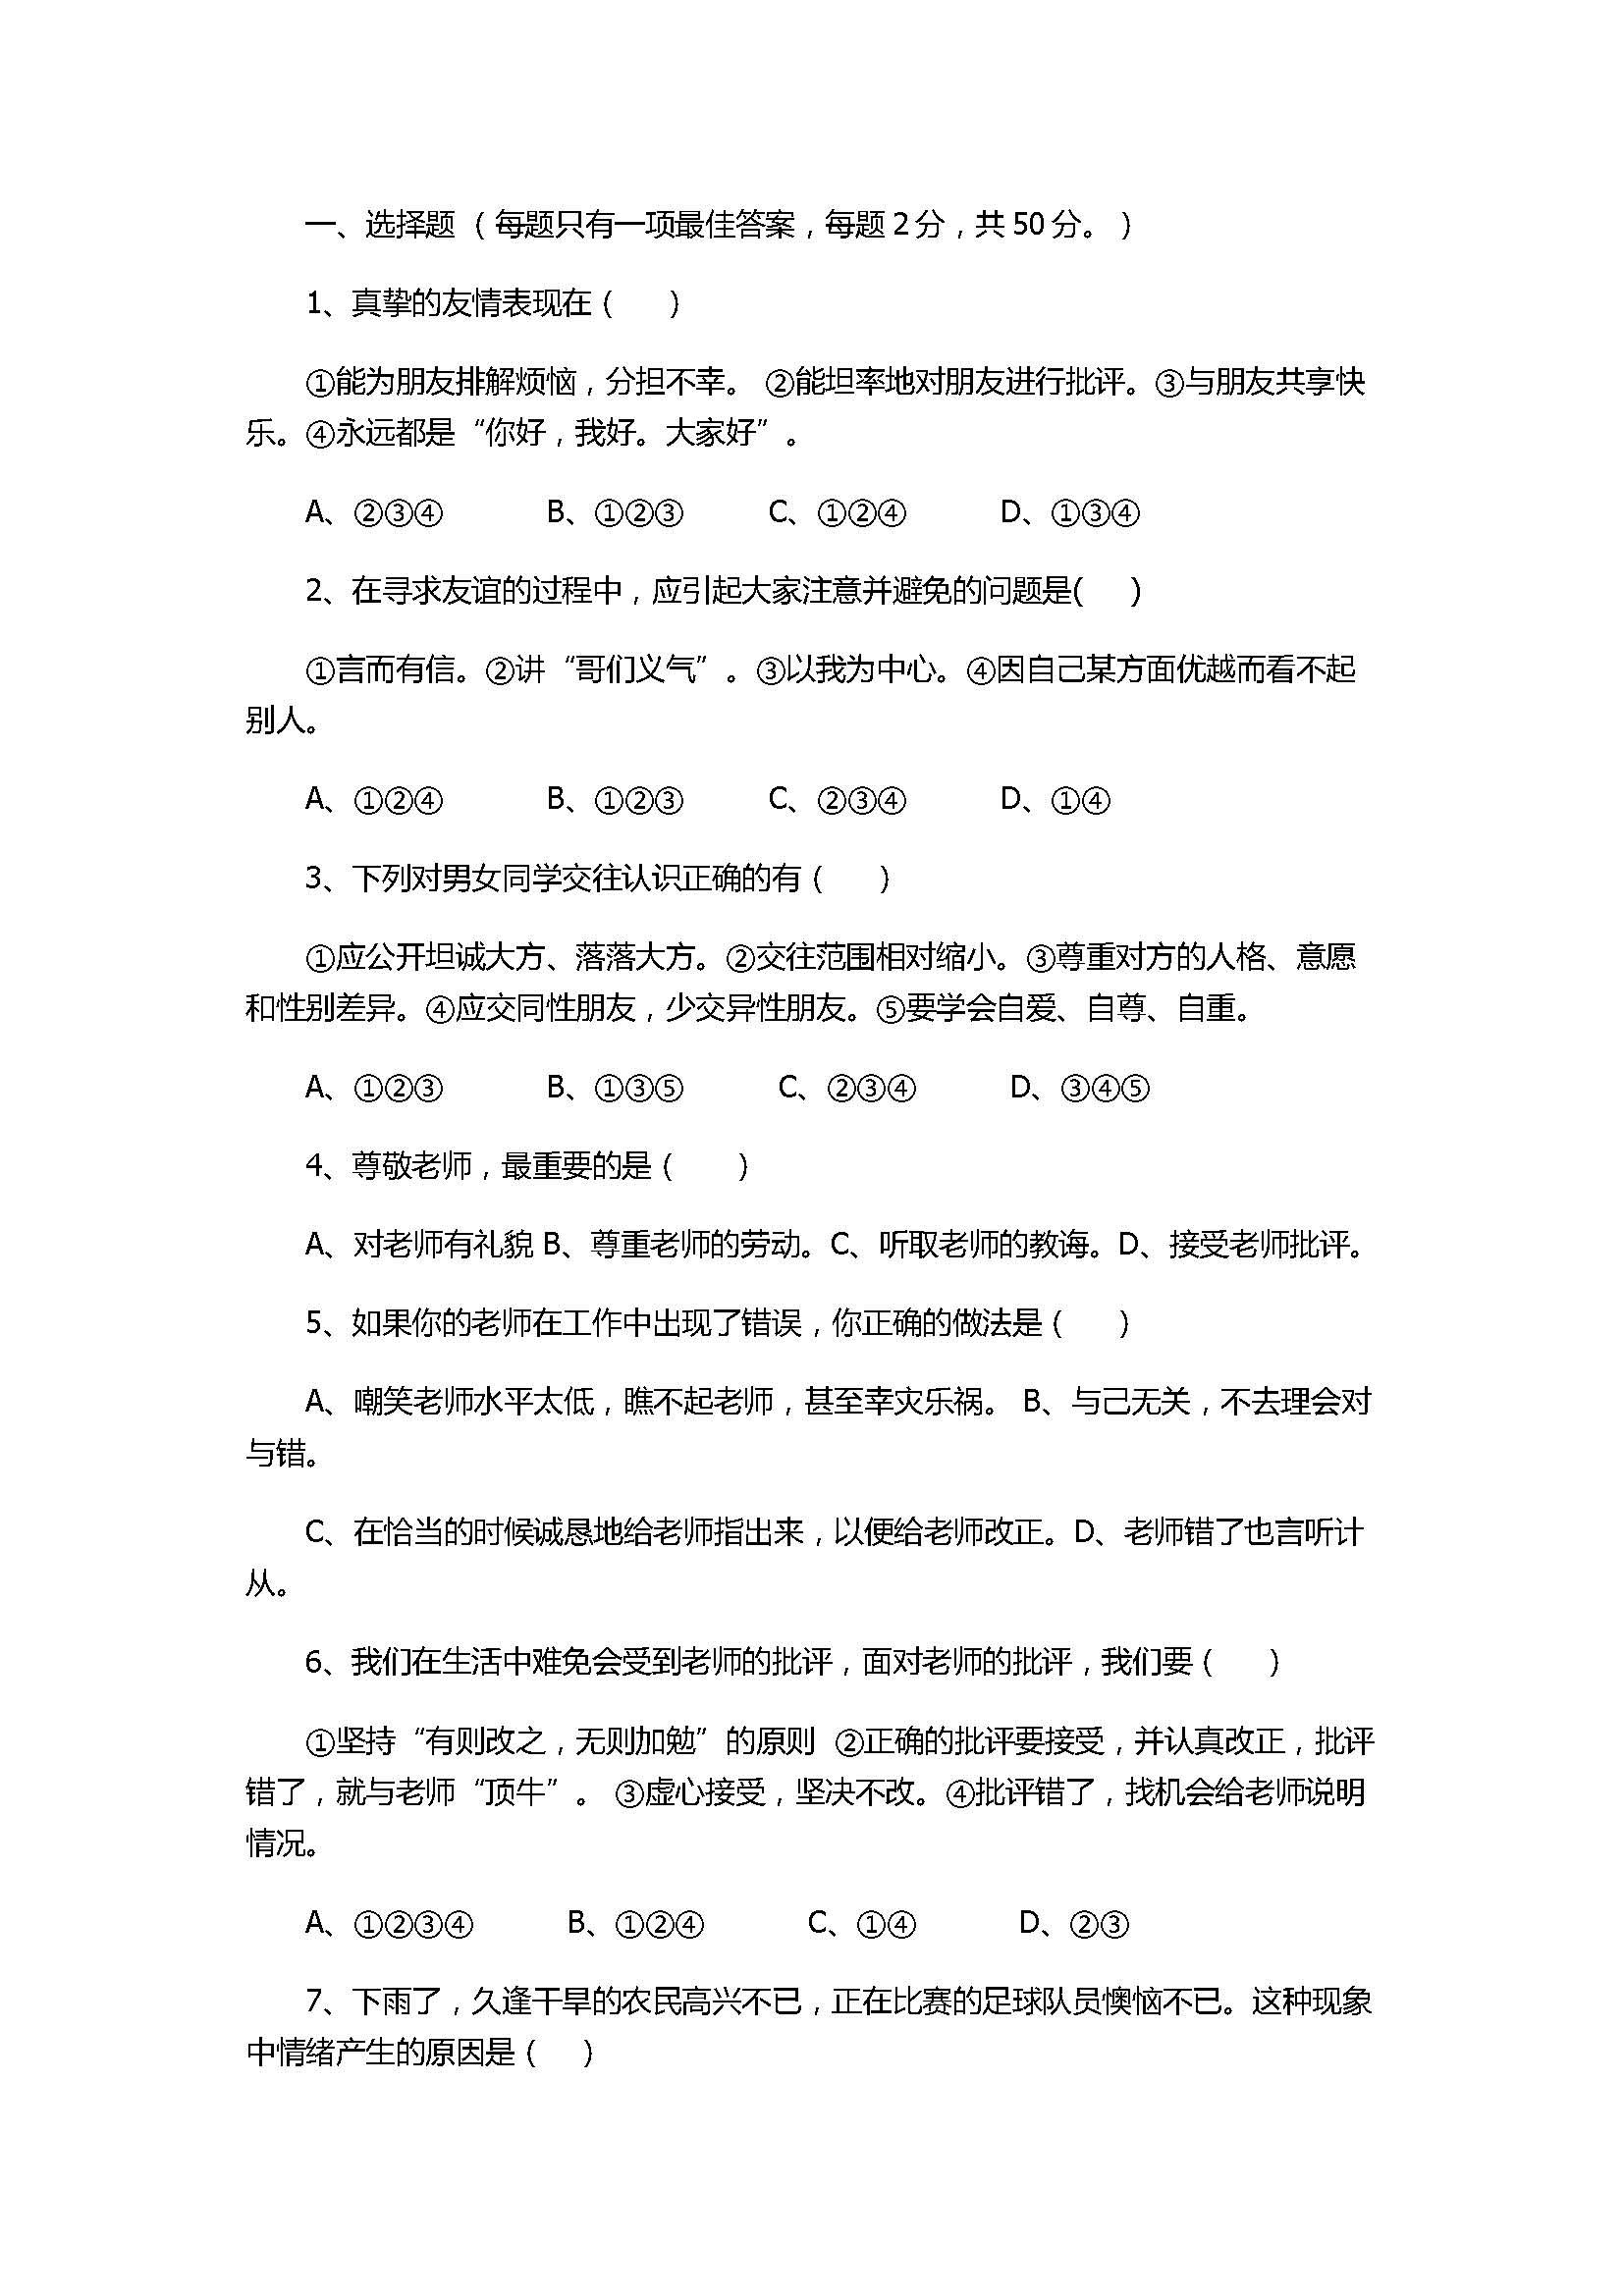 2017七年级道德与法治期末试题含参考答案(临沭县)